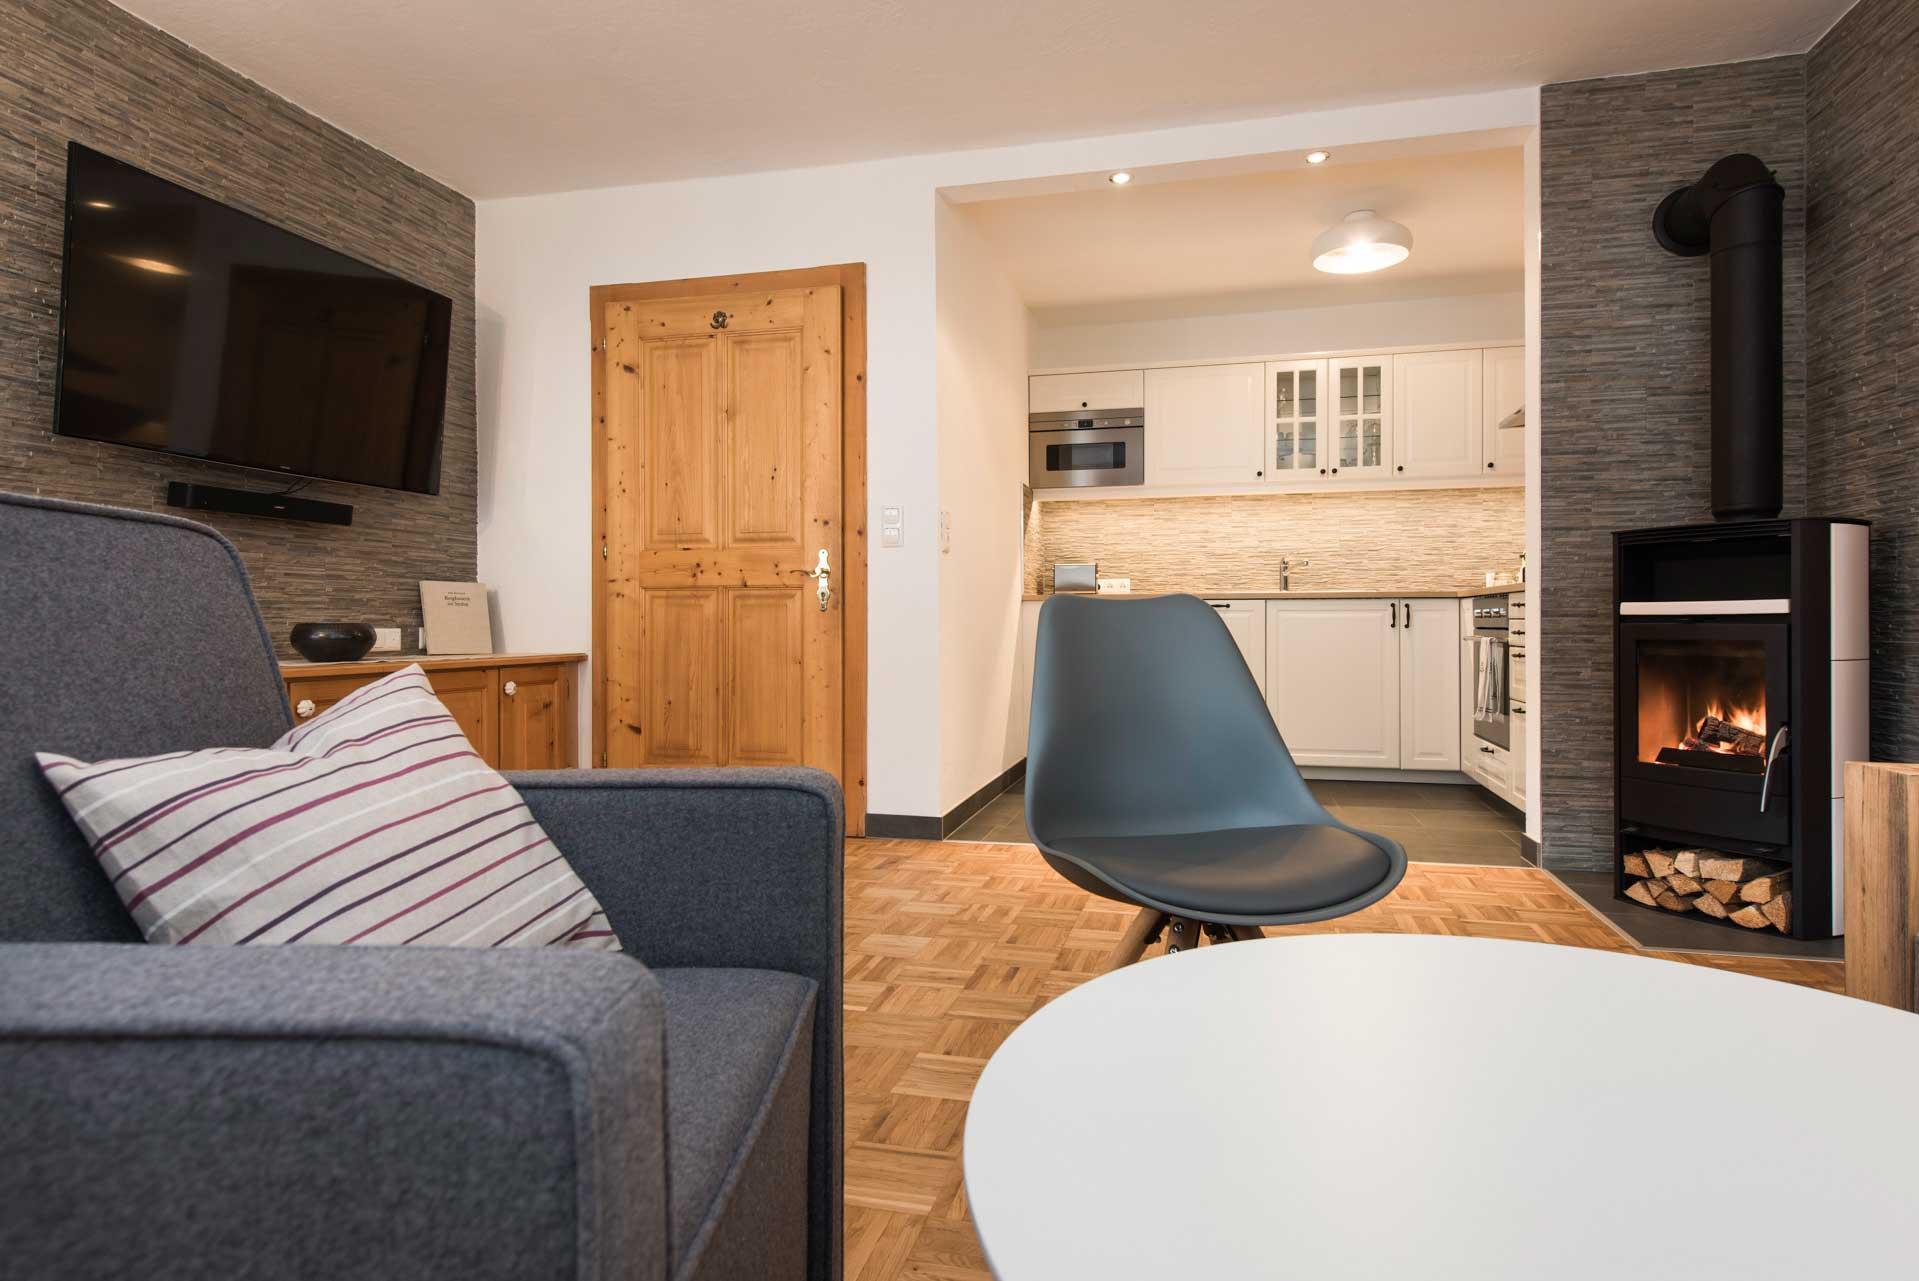 Ferienwohnung Siebenschläfer in Neustift im Stubaital - Wohnbereich mit Ofen